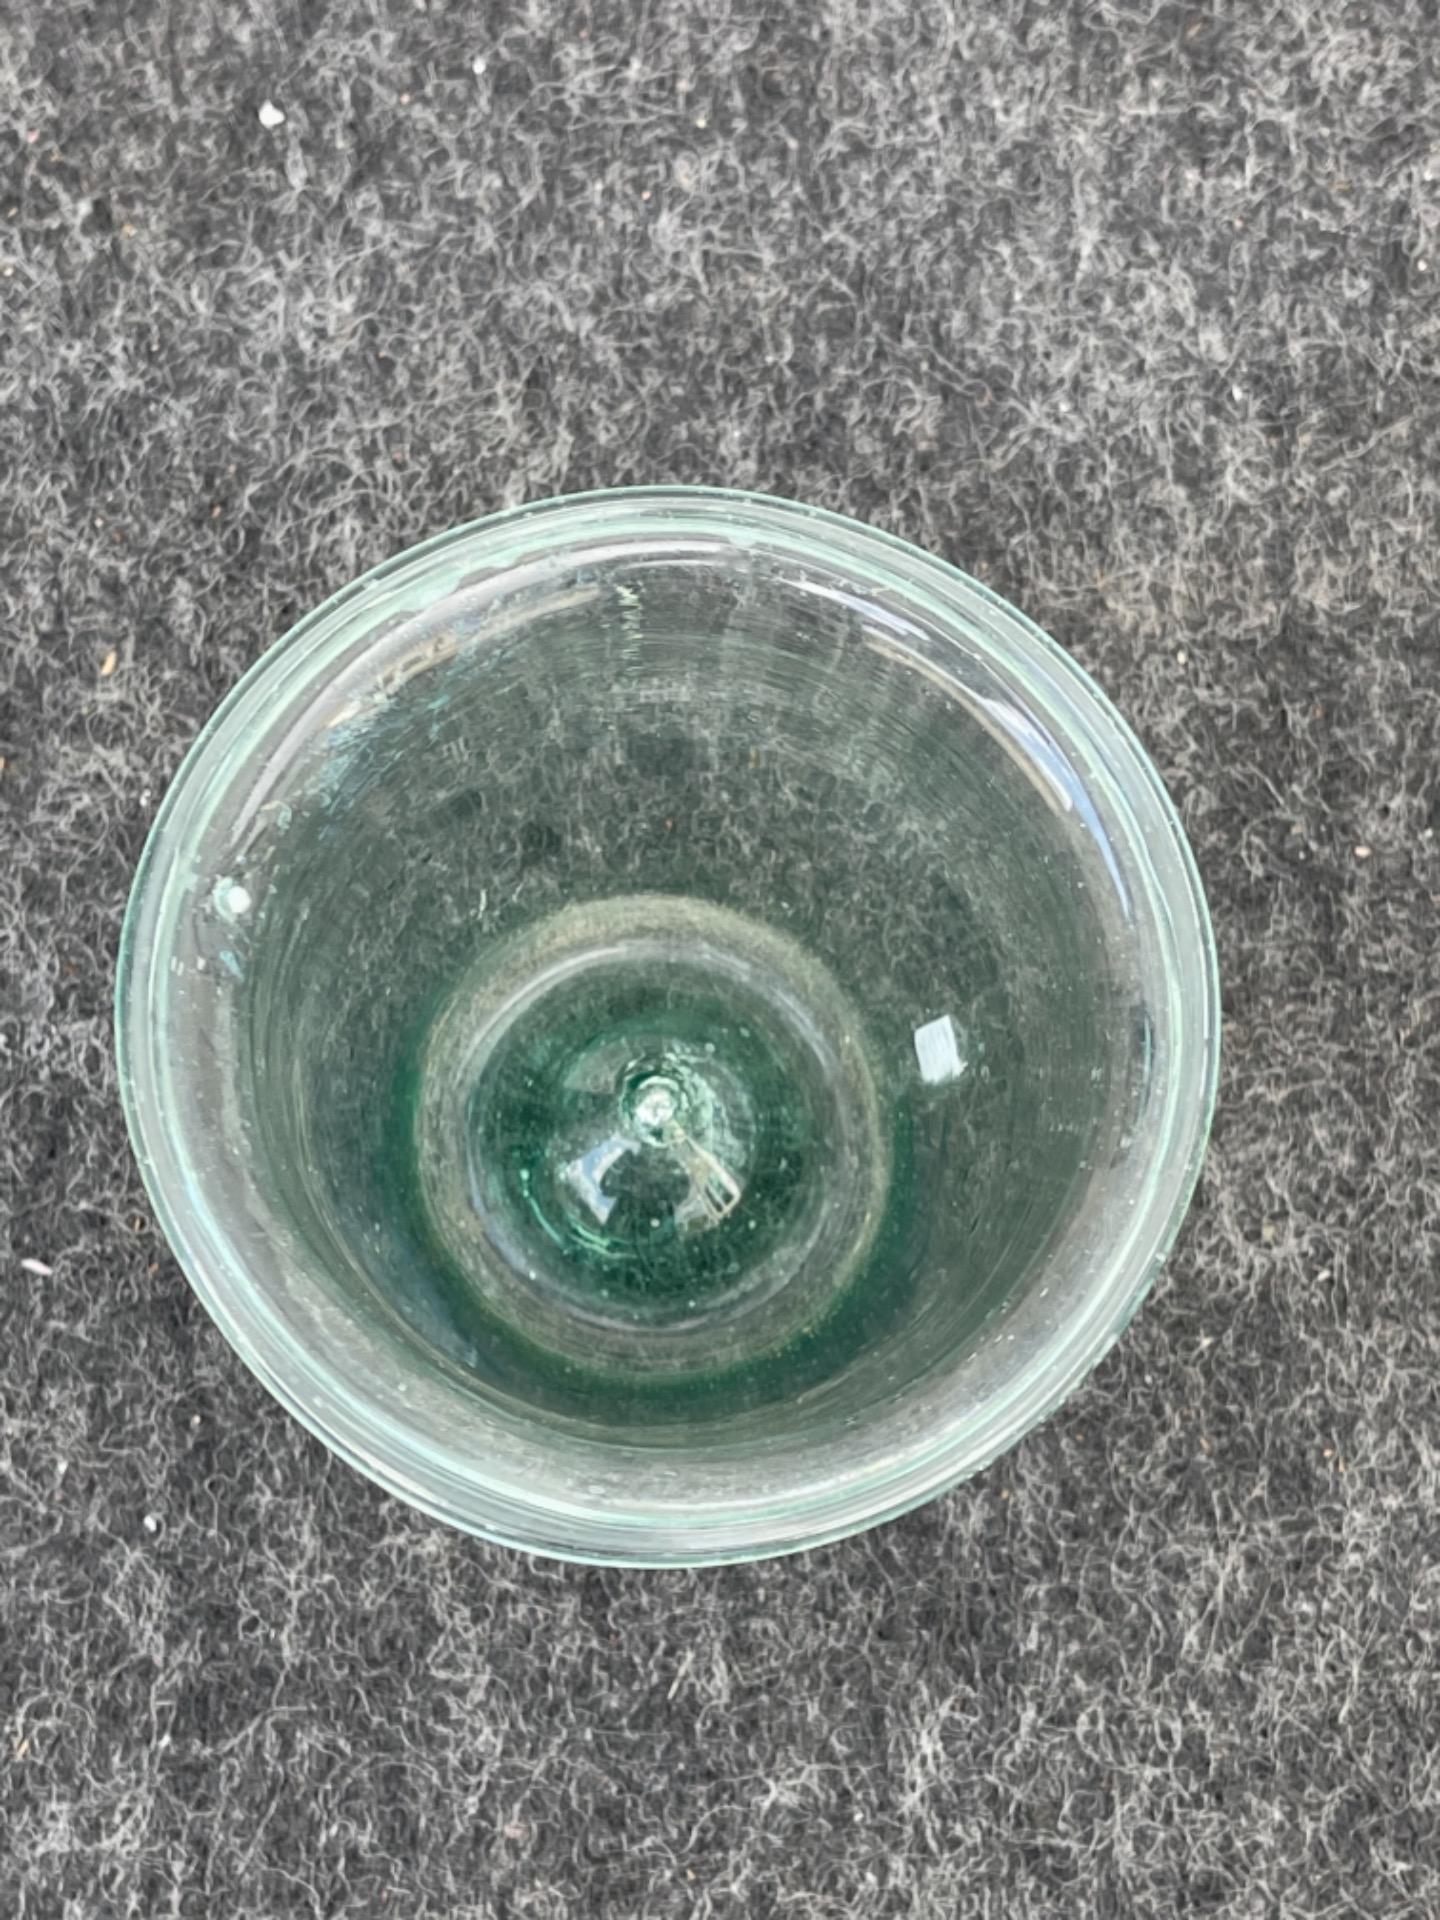 thumb3 Vasetto in vetro soffiato leggero da farmacia.Modena